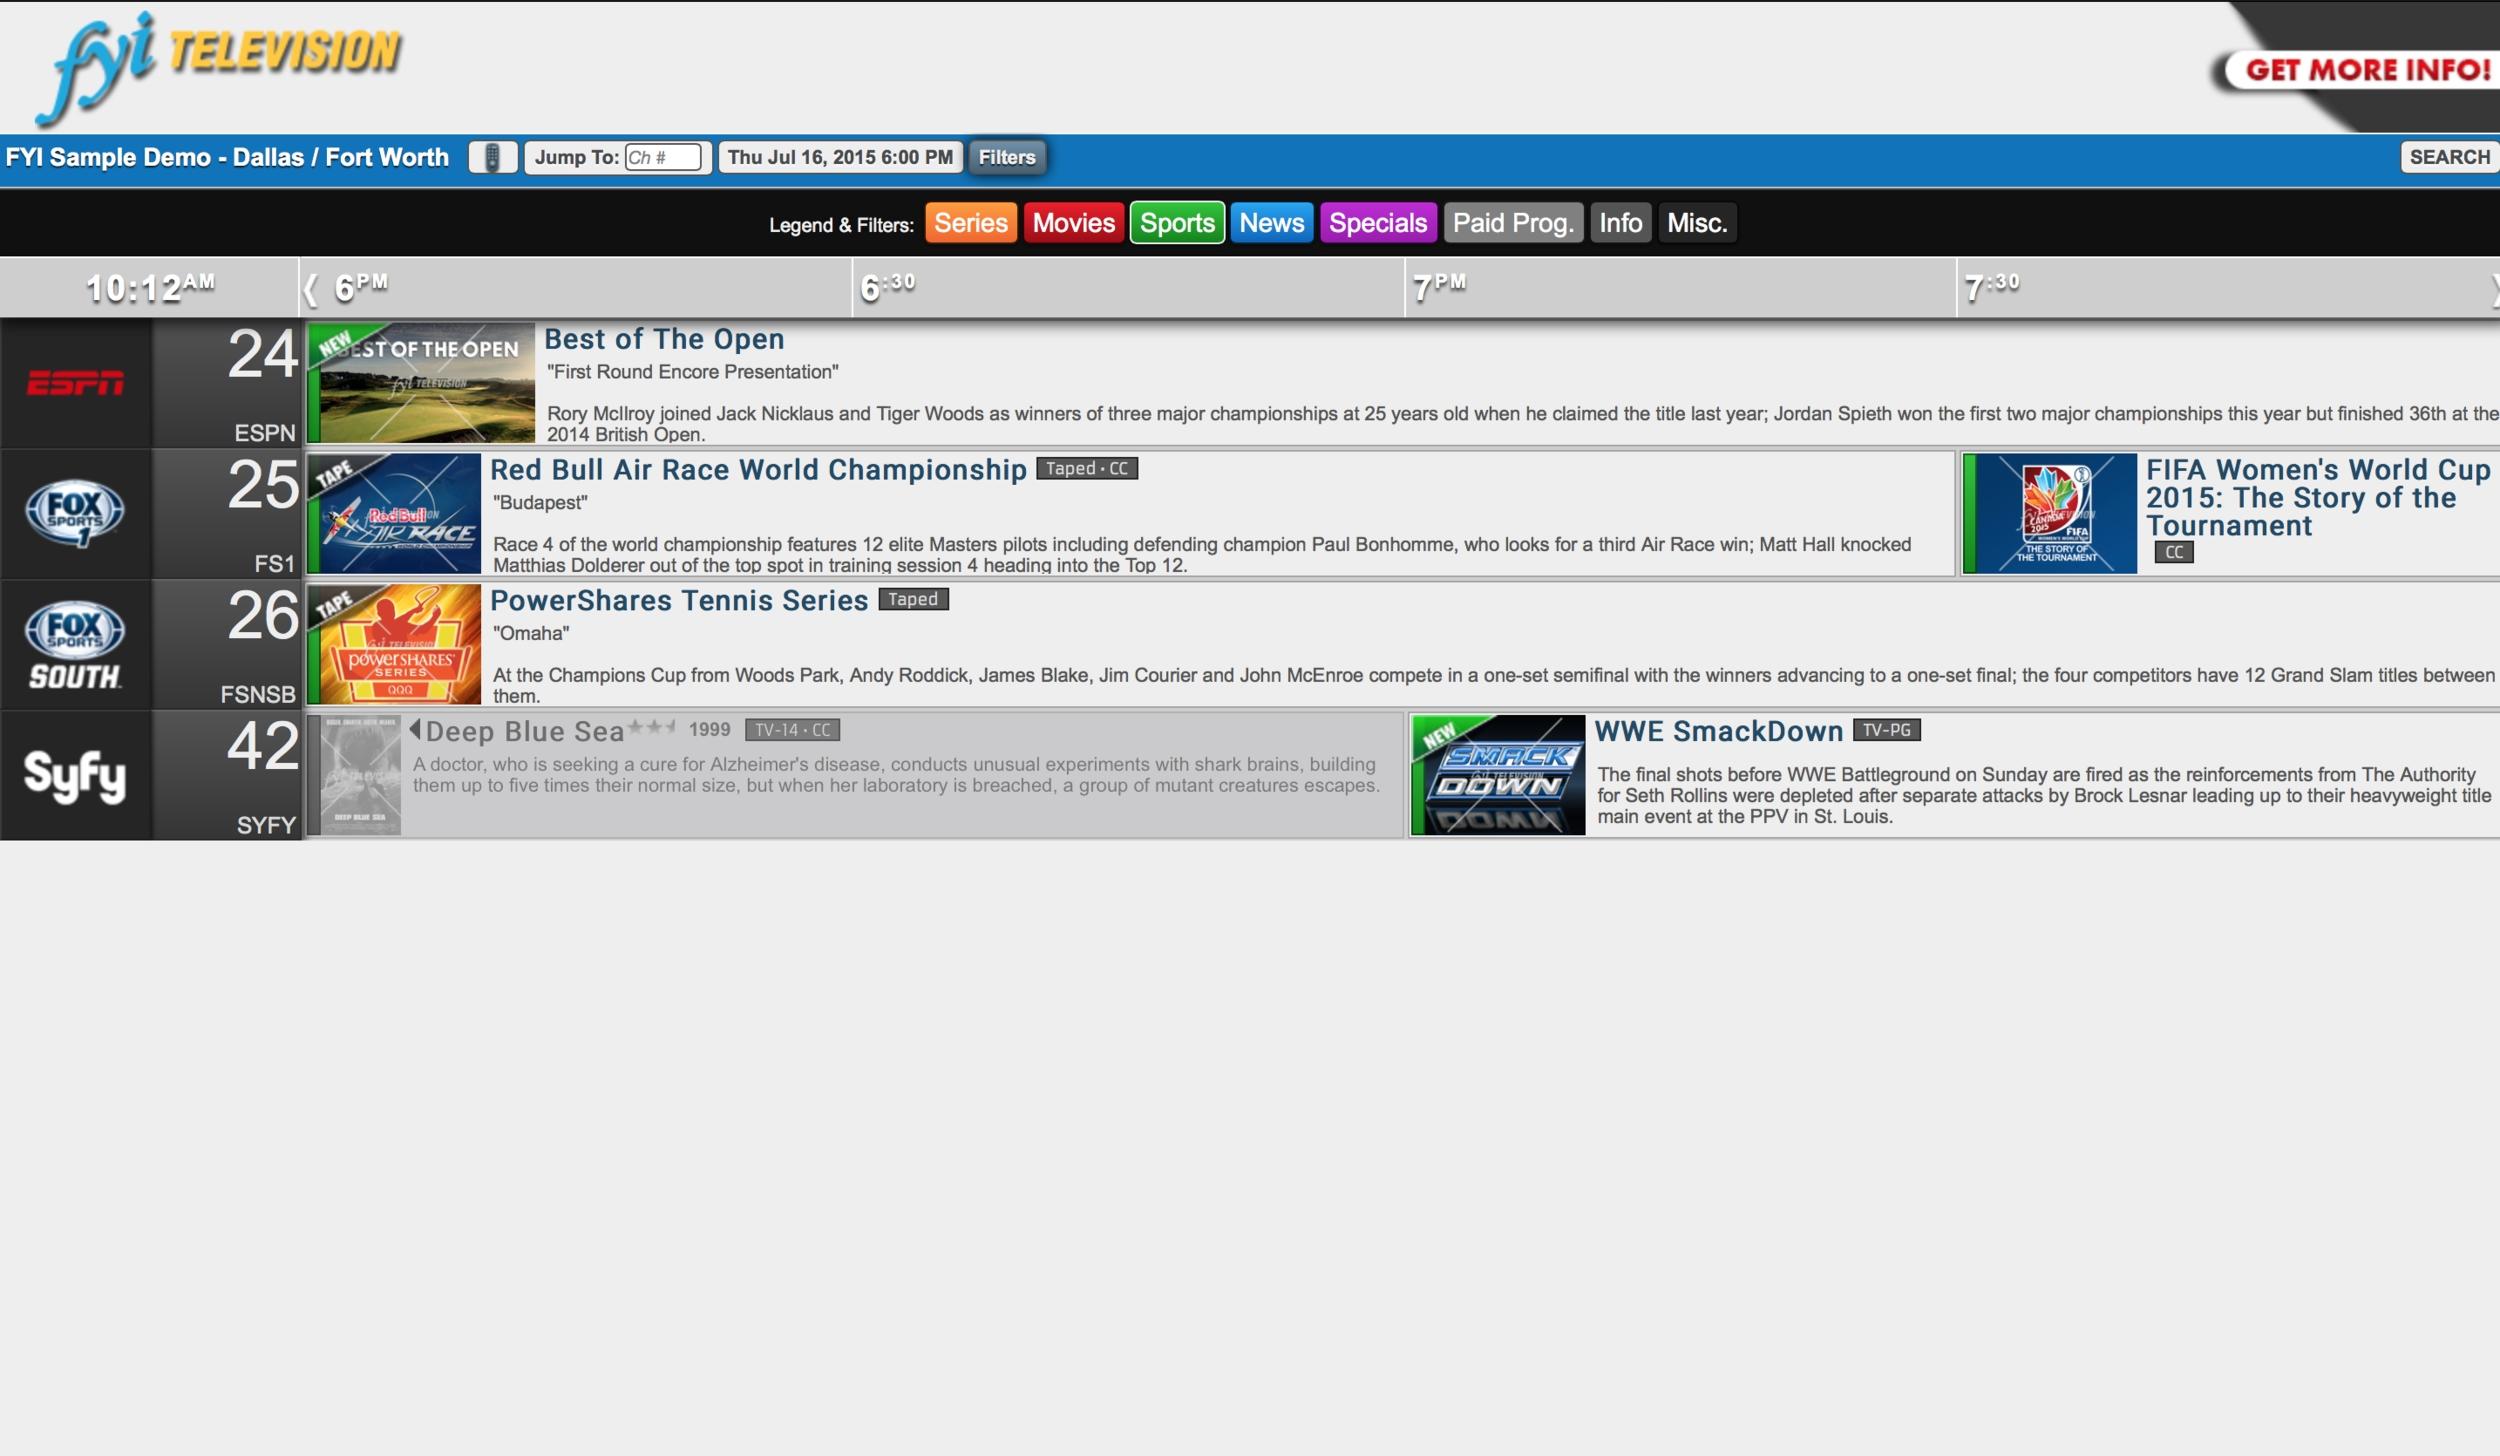 FYI Online Demo Filter Example